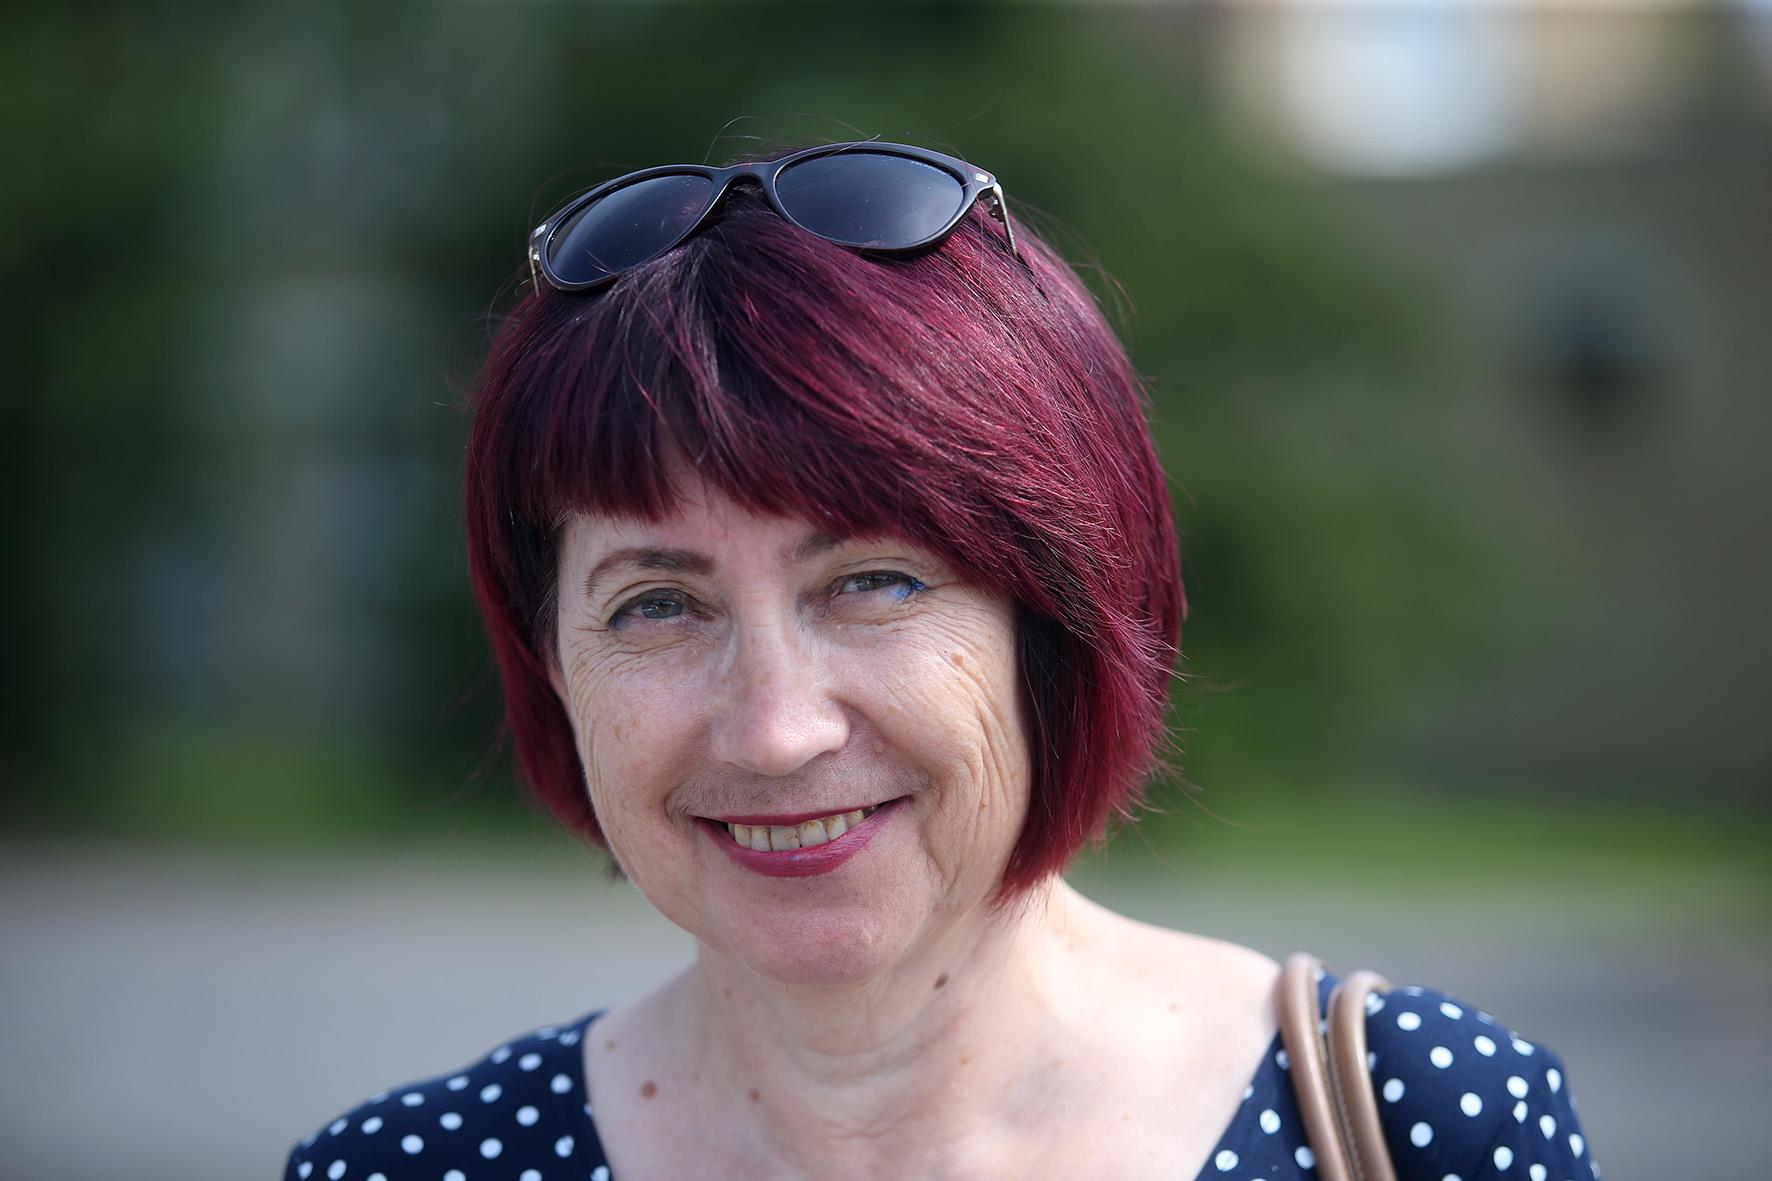 Lančiūnavos bendruomenės centro narė Irena Paragienė patikino, jog seniau kaime netrūko šviesių, gabių ir mokytų žmonių, aktyvios veiklos bei kultūrinių renginių. Algimanto Barzdžiaus nuotr.